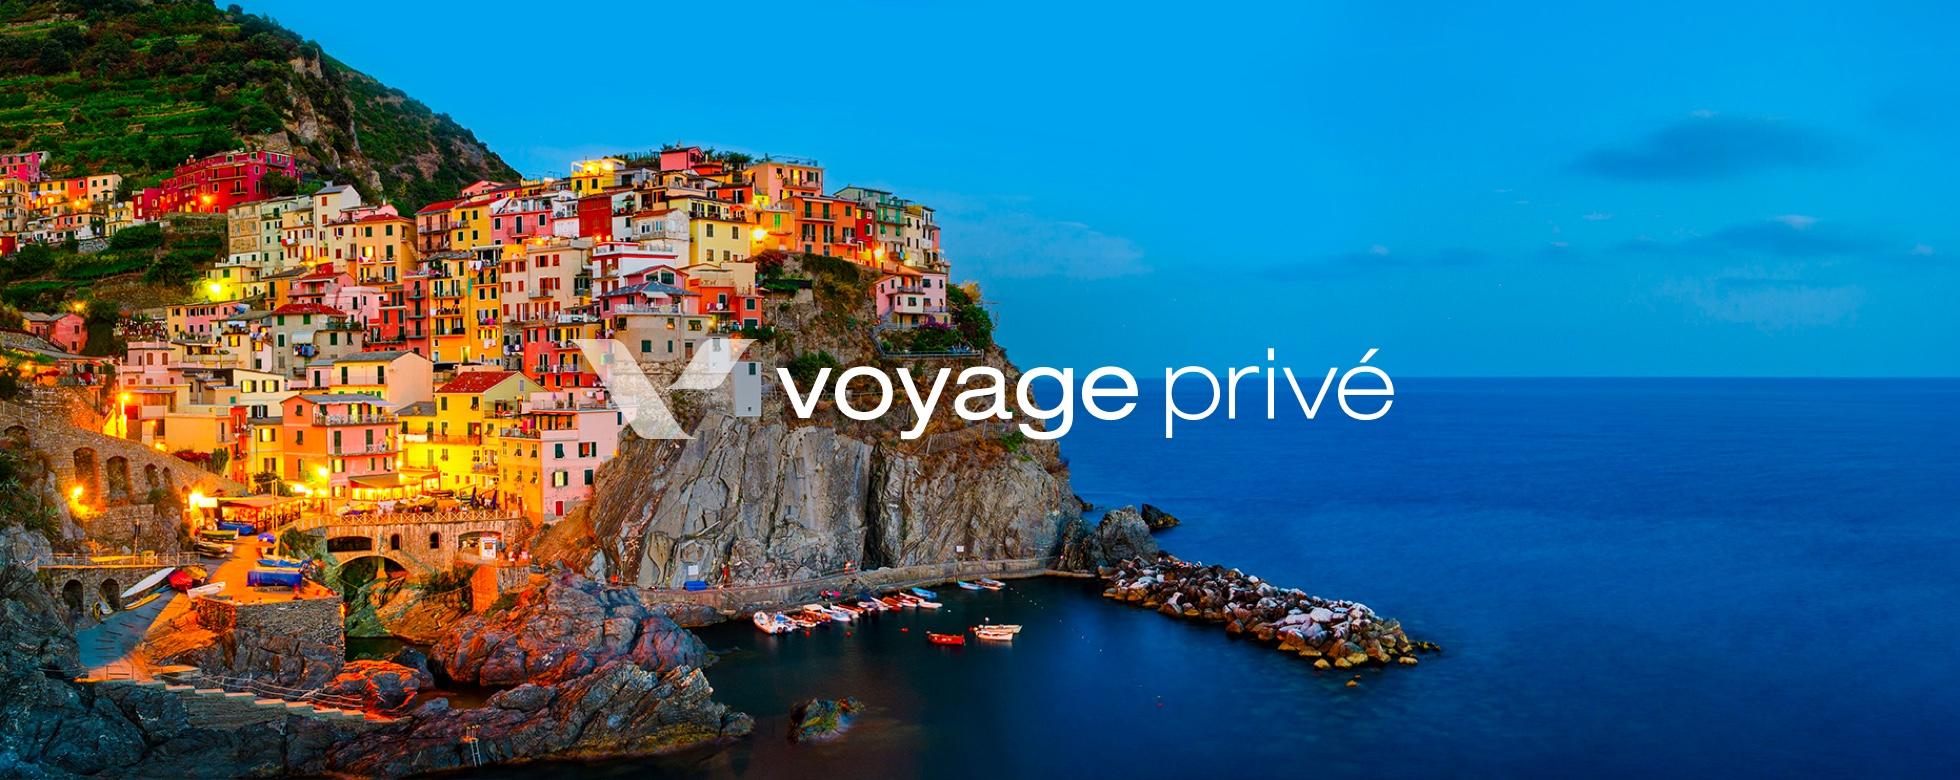 Comment contacter Voyage privé